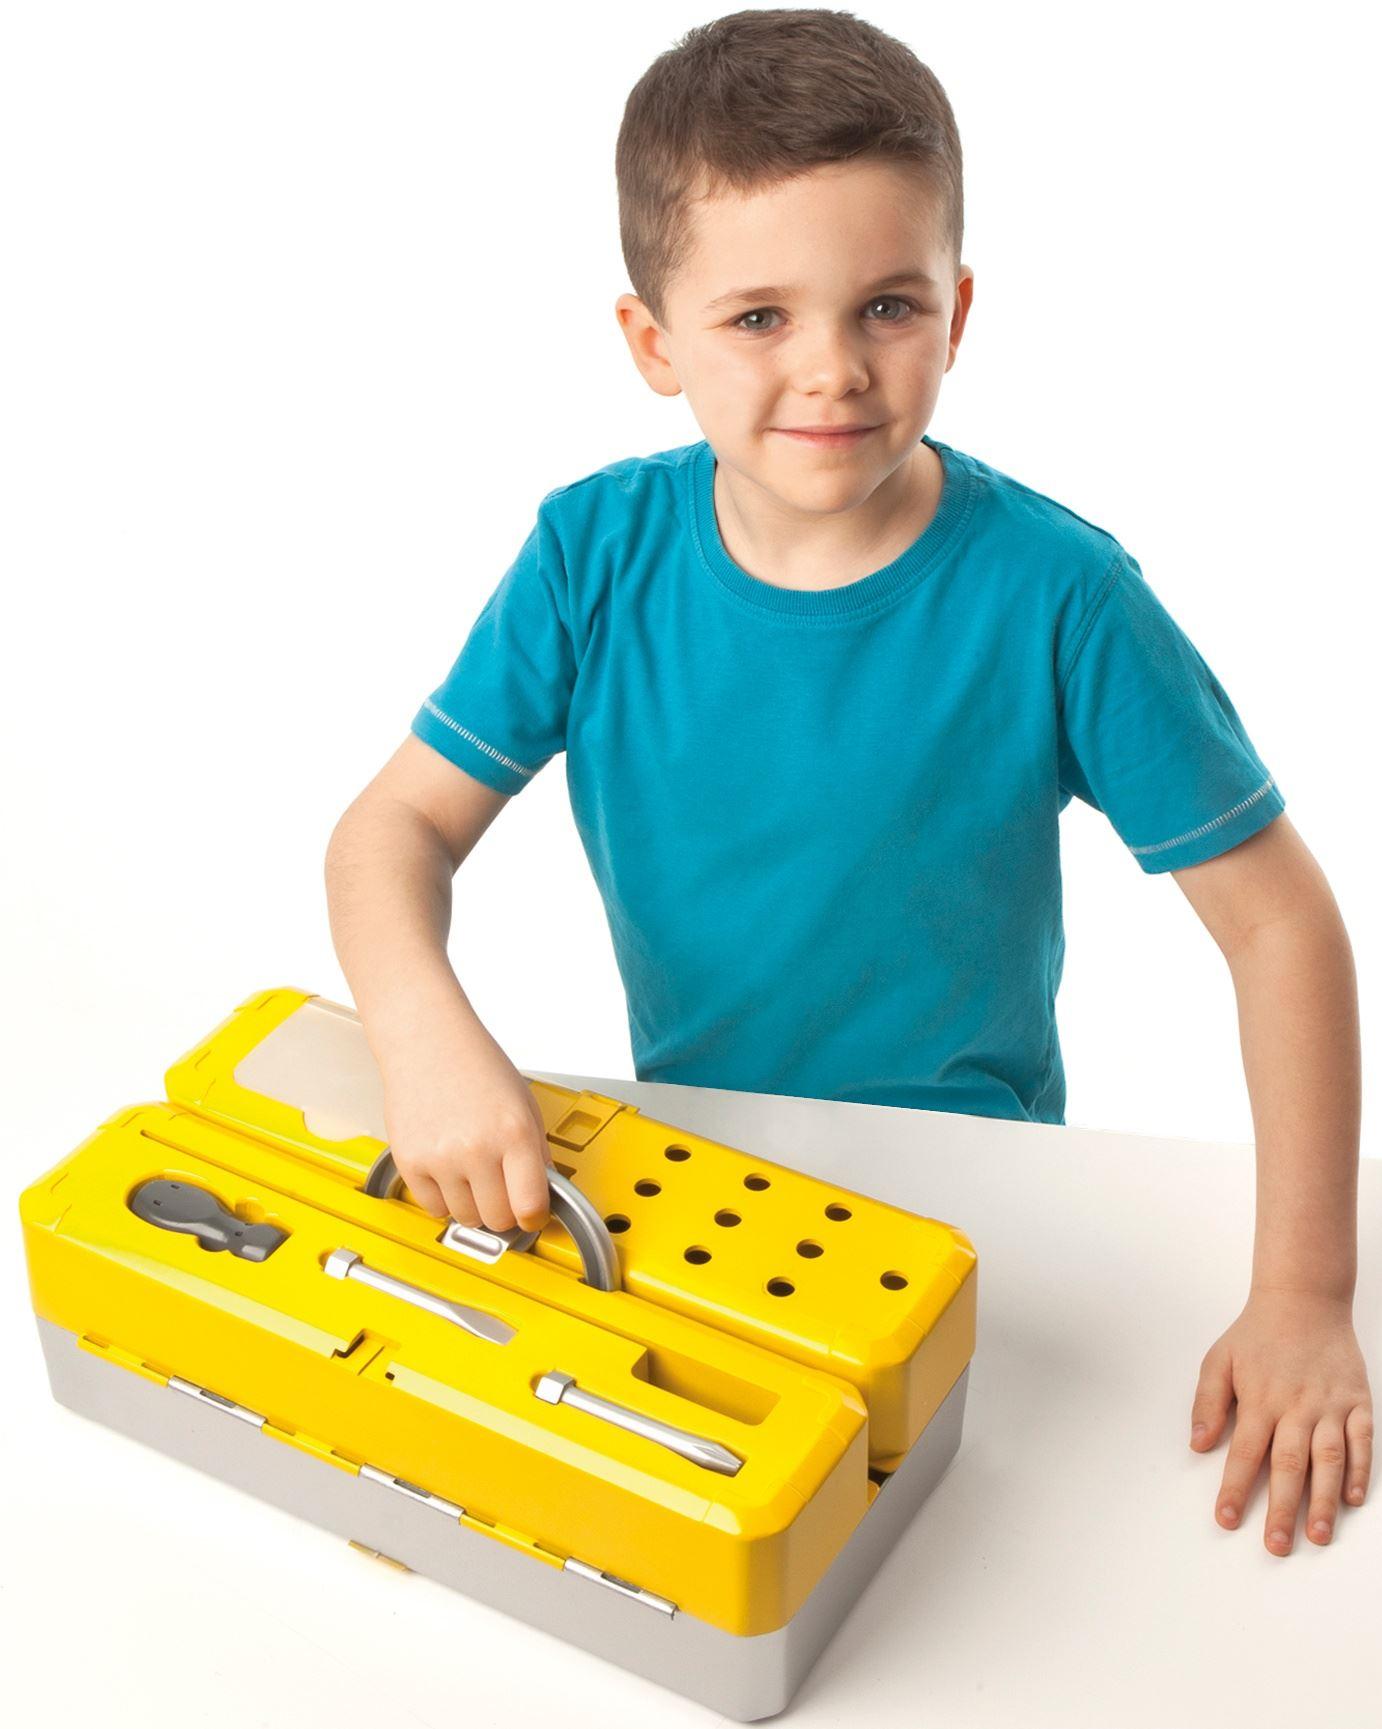 casdon boite a outils bricolage jeu r le jouet cadeau. Black Bedroom Furniture Sets. Home Design Ideas